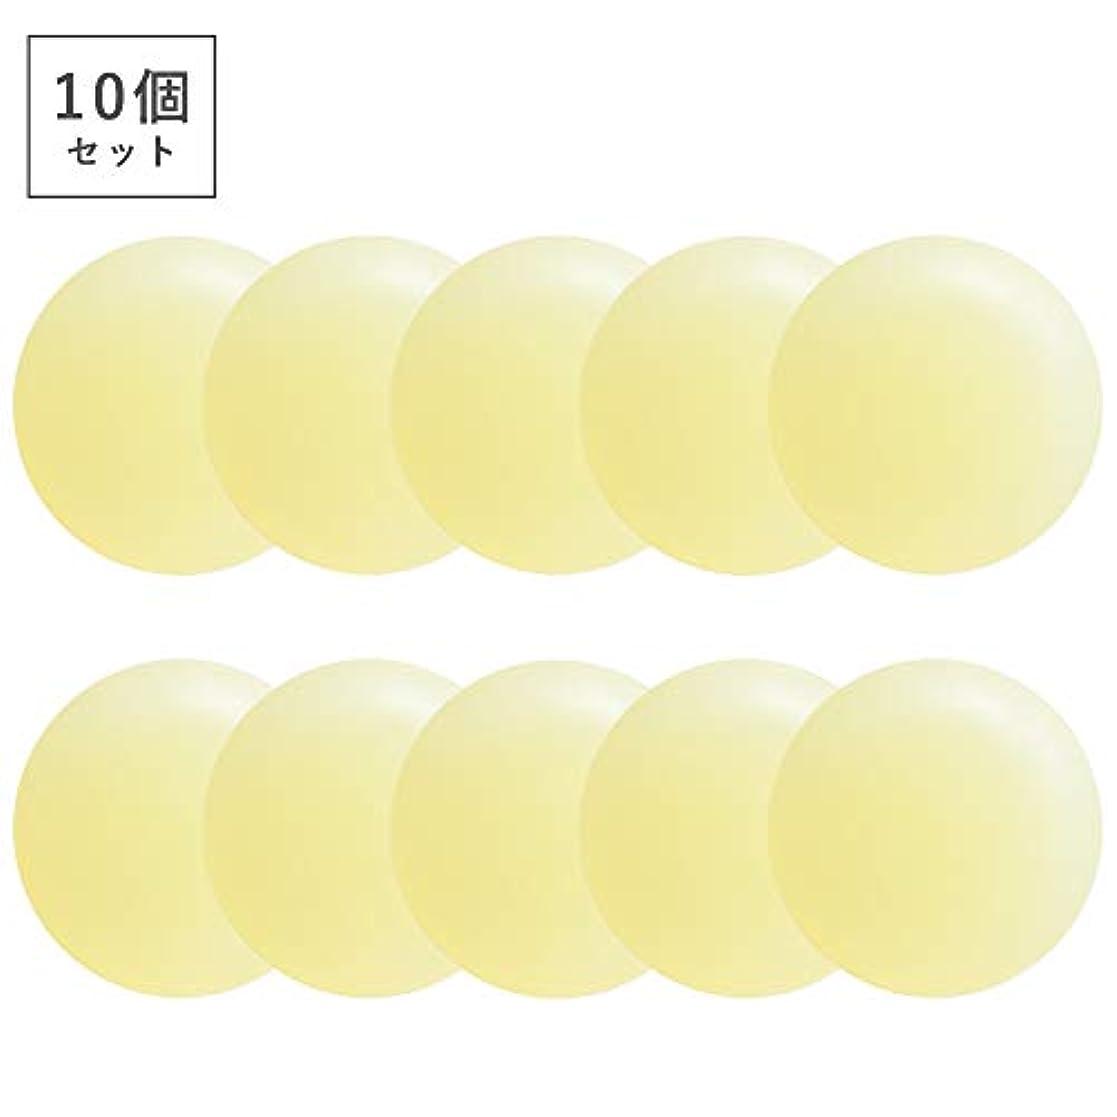 パノラマ慣らす加入【10個セット】ミョウバン柿渋石鹸(ナチュラルクリアソープ) (10個)